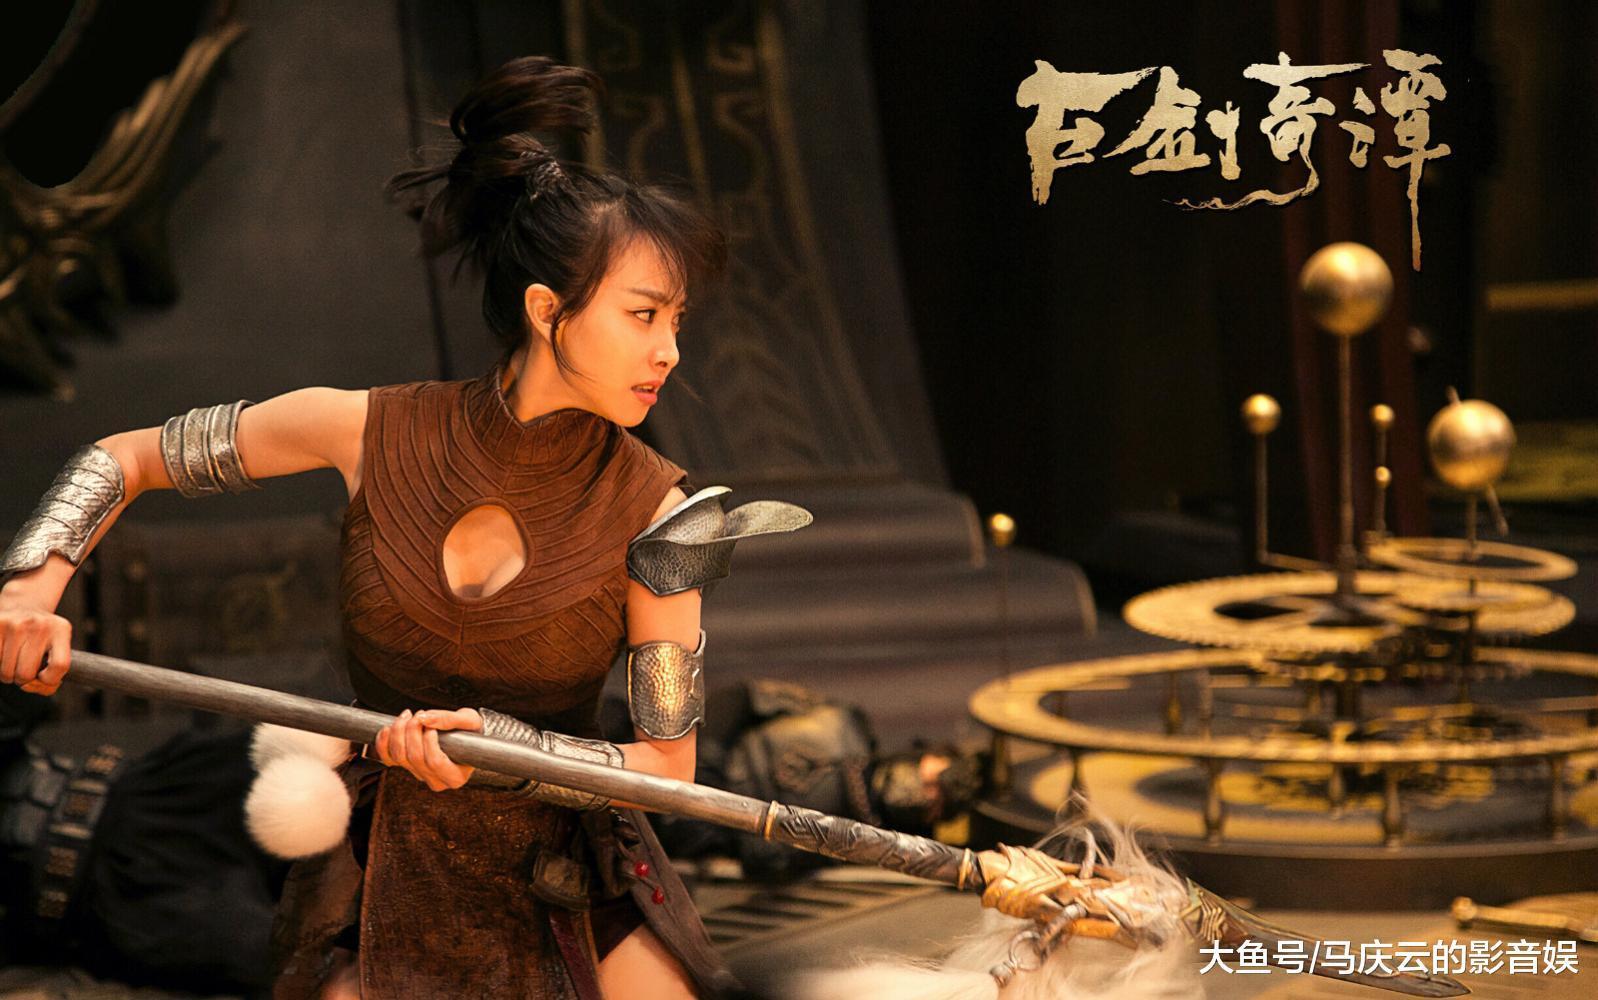 开心麻花《李茶的姑妈》预售逼近五千万, 张艺谋《影》穷追猛赶